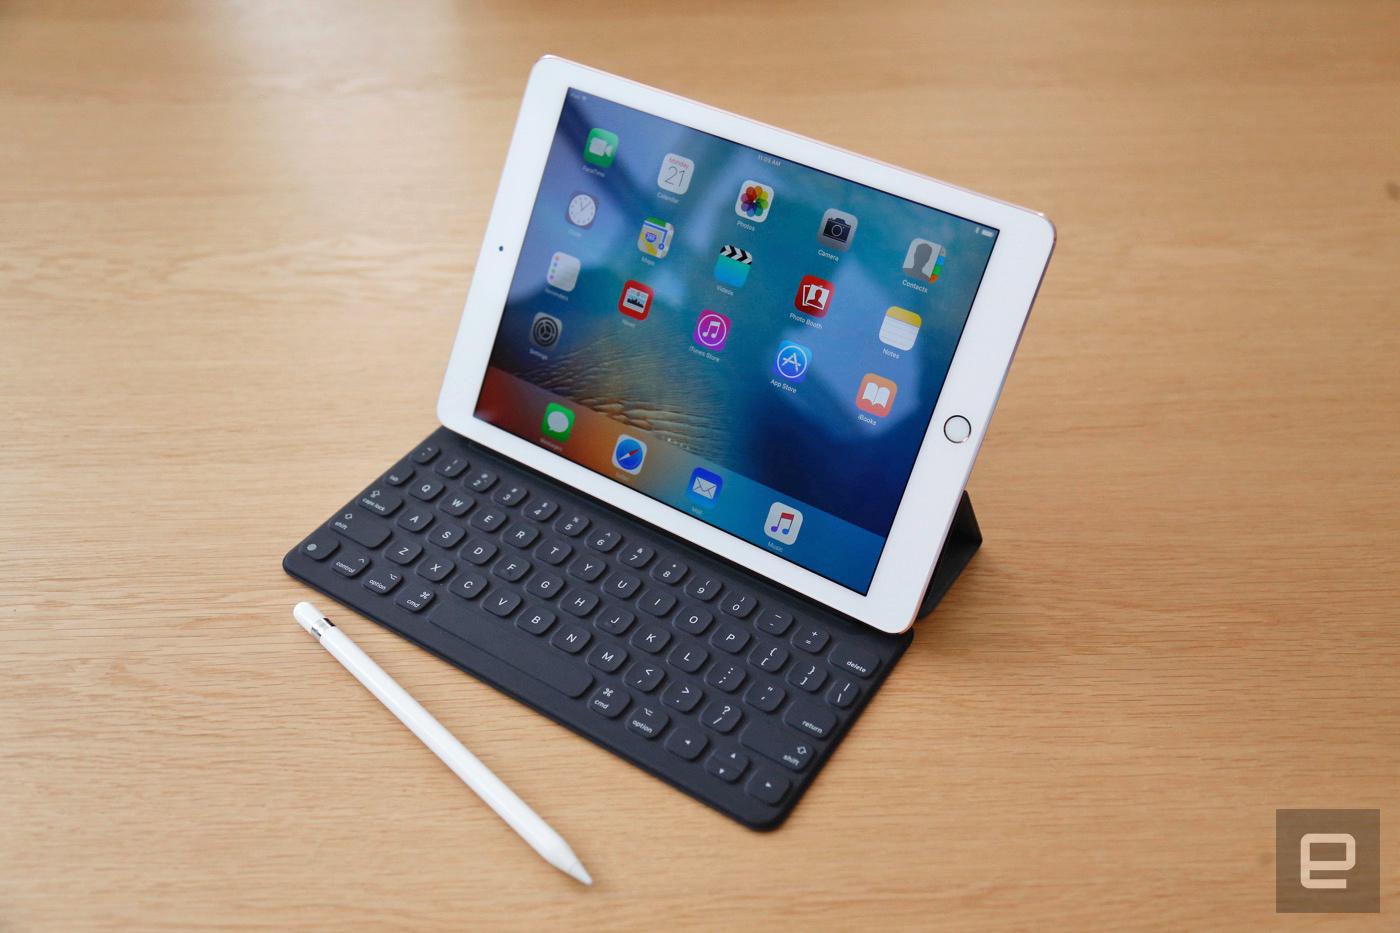 El nuevo iPad Pro tiene 2 GB de RAM, la mitad que su hermano mayor